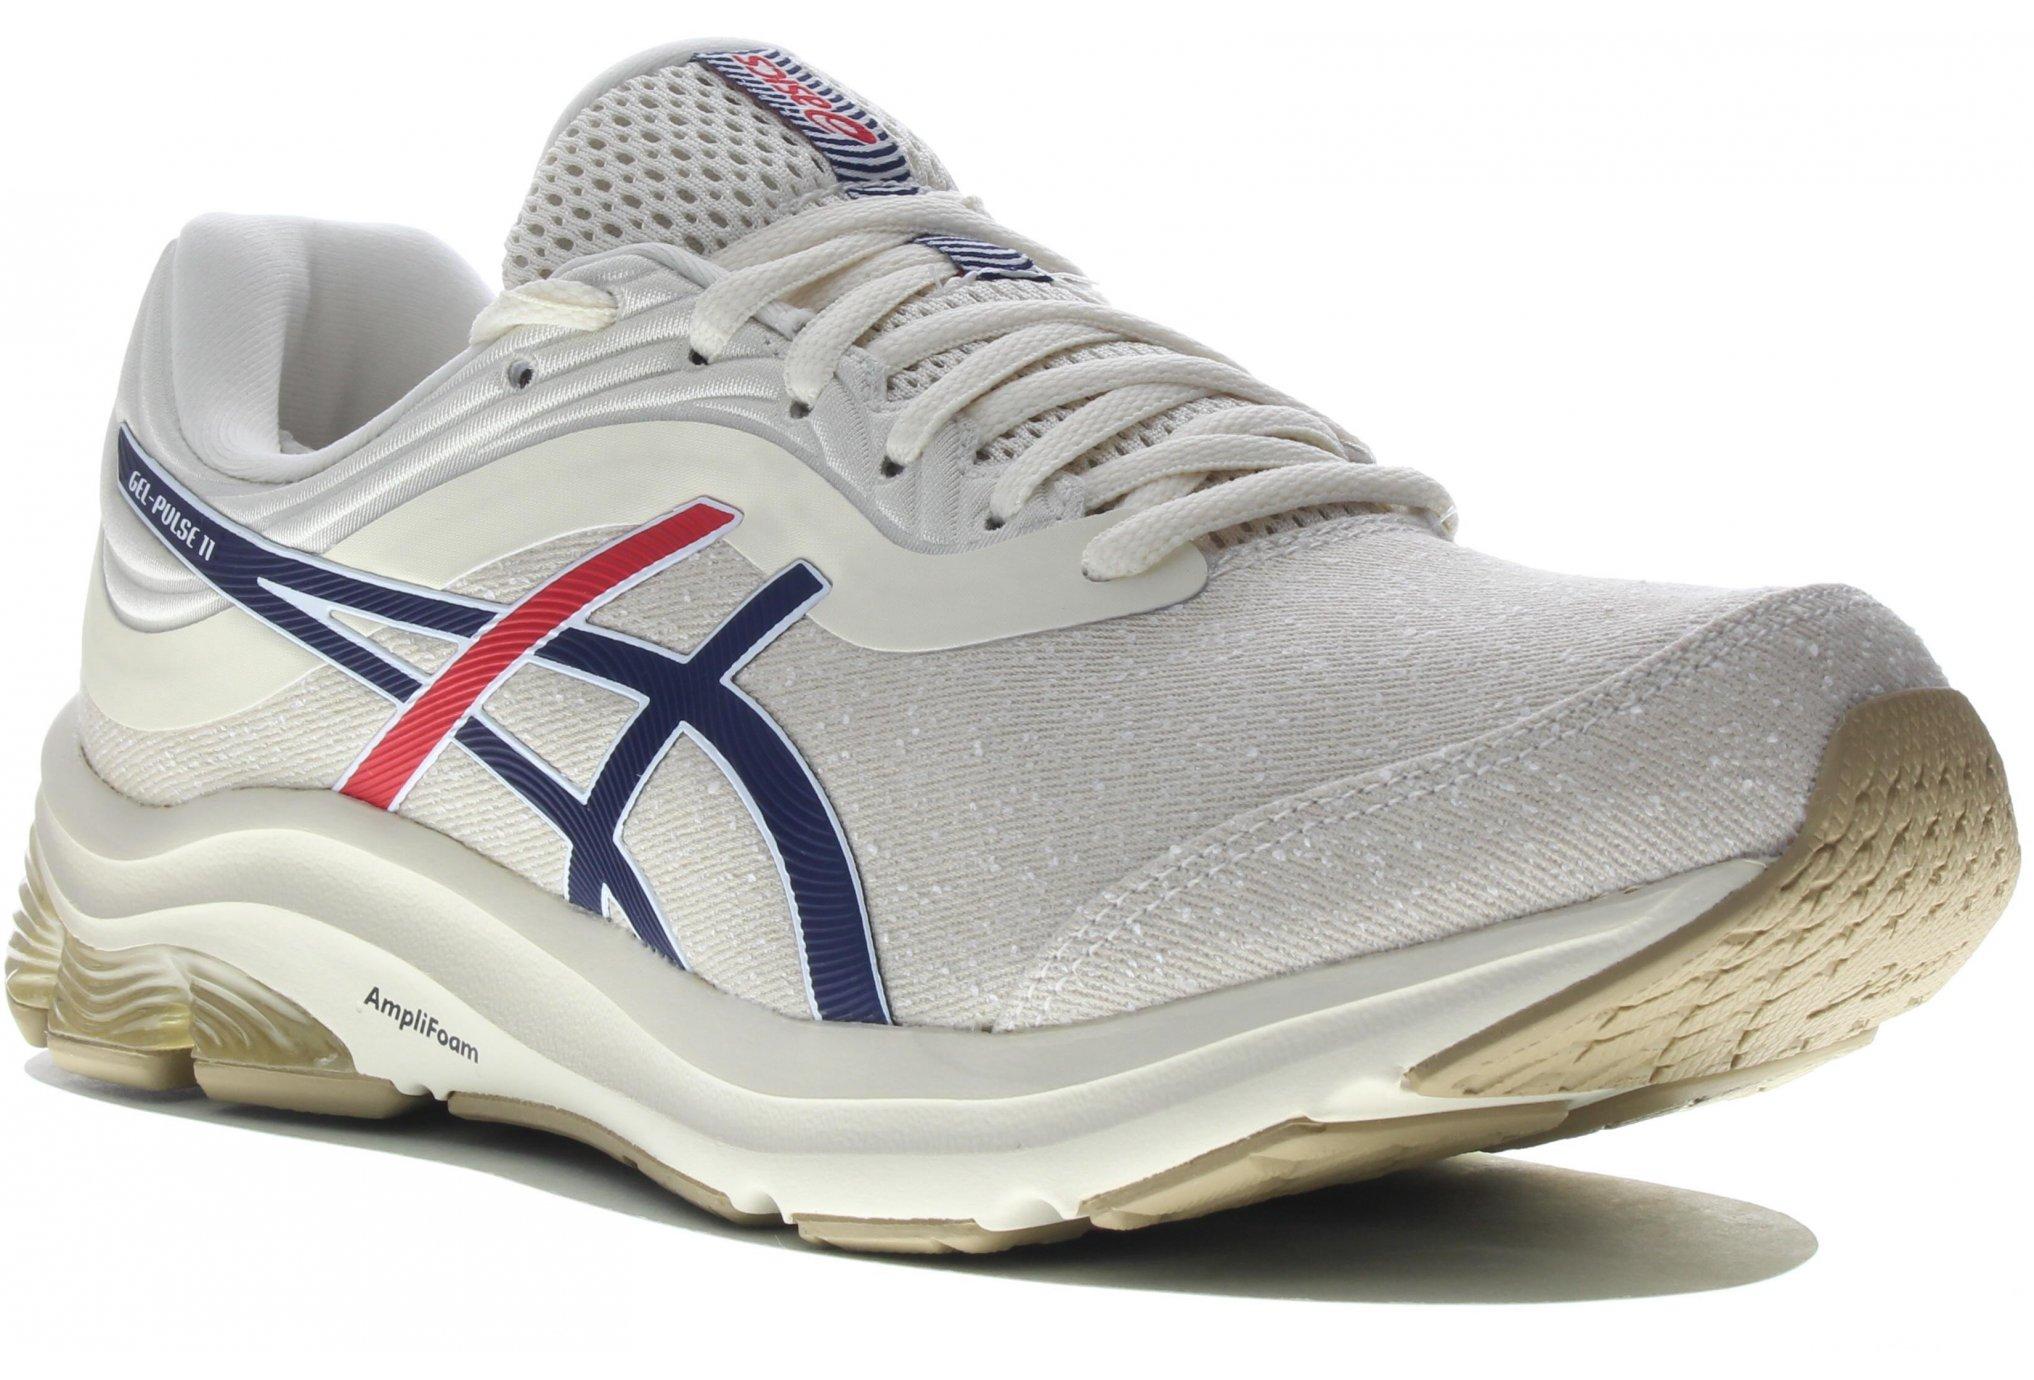 Asics Gel Pulse 11 MX M Diététique Chaussures homme